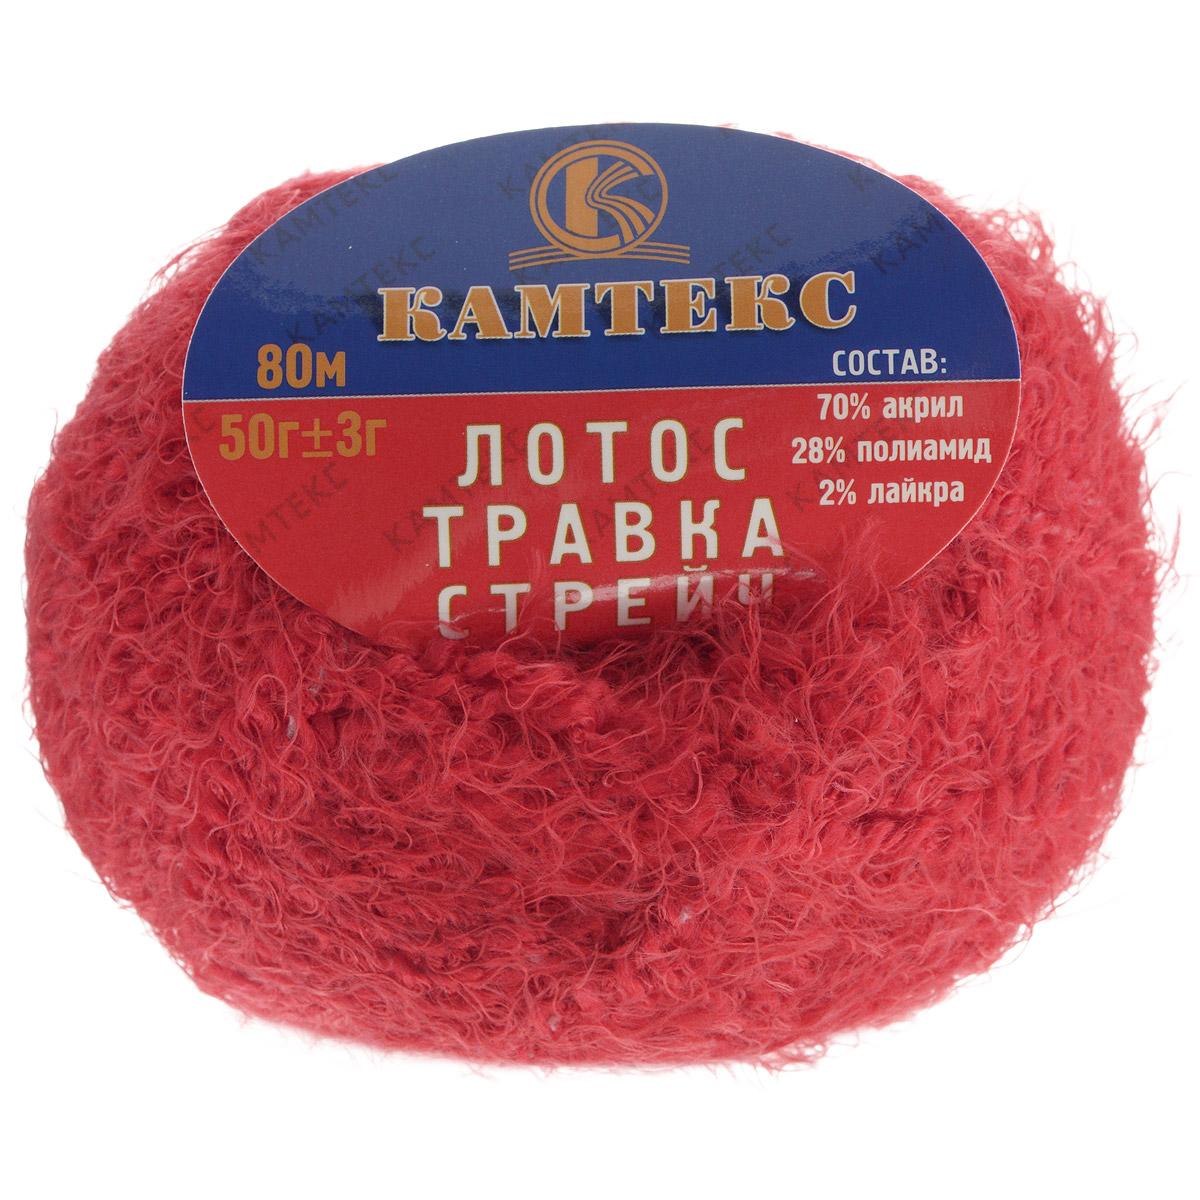 Пряжа для вязания Камтекс Лотос травка стрейч, цвет: красный (046), 80 м, 50 г, 10 шт136081_046Пряжа для вязания Камтекс Лотос травка стрейч имеет интересный и необычный состав: 70% акрил, 28% полиамид, 2% лайкра. Акрил отвечает за мягкость, полиамид за прочность и формоустойчивость, а лайкра делает полотно необыкновенно эластичным. Эта волшебная плюшевая ниточка удивляет своей мягкостью, вяжется очень просто и быстро, ворсинки не путаются. Из этой пряжи получатся замечательные мягкие игрушки, которые будут, не только приятны, но и абсолютно безопасны для маленьких детей. А яркие и сочные оттенки подарят ребенку радость и хорошее настроение.